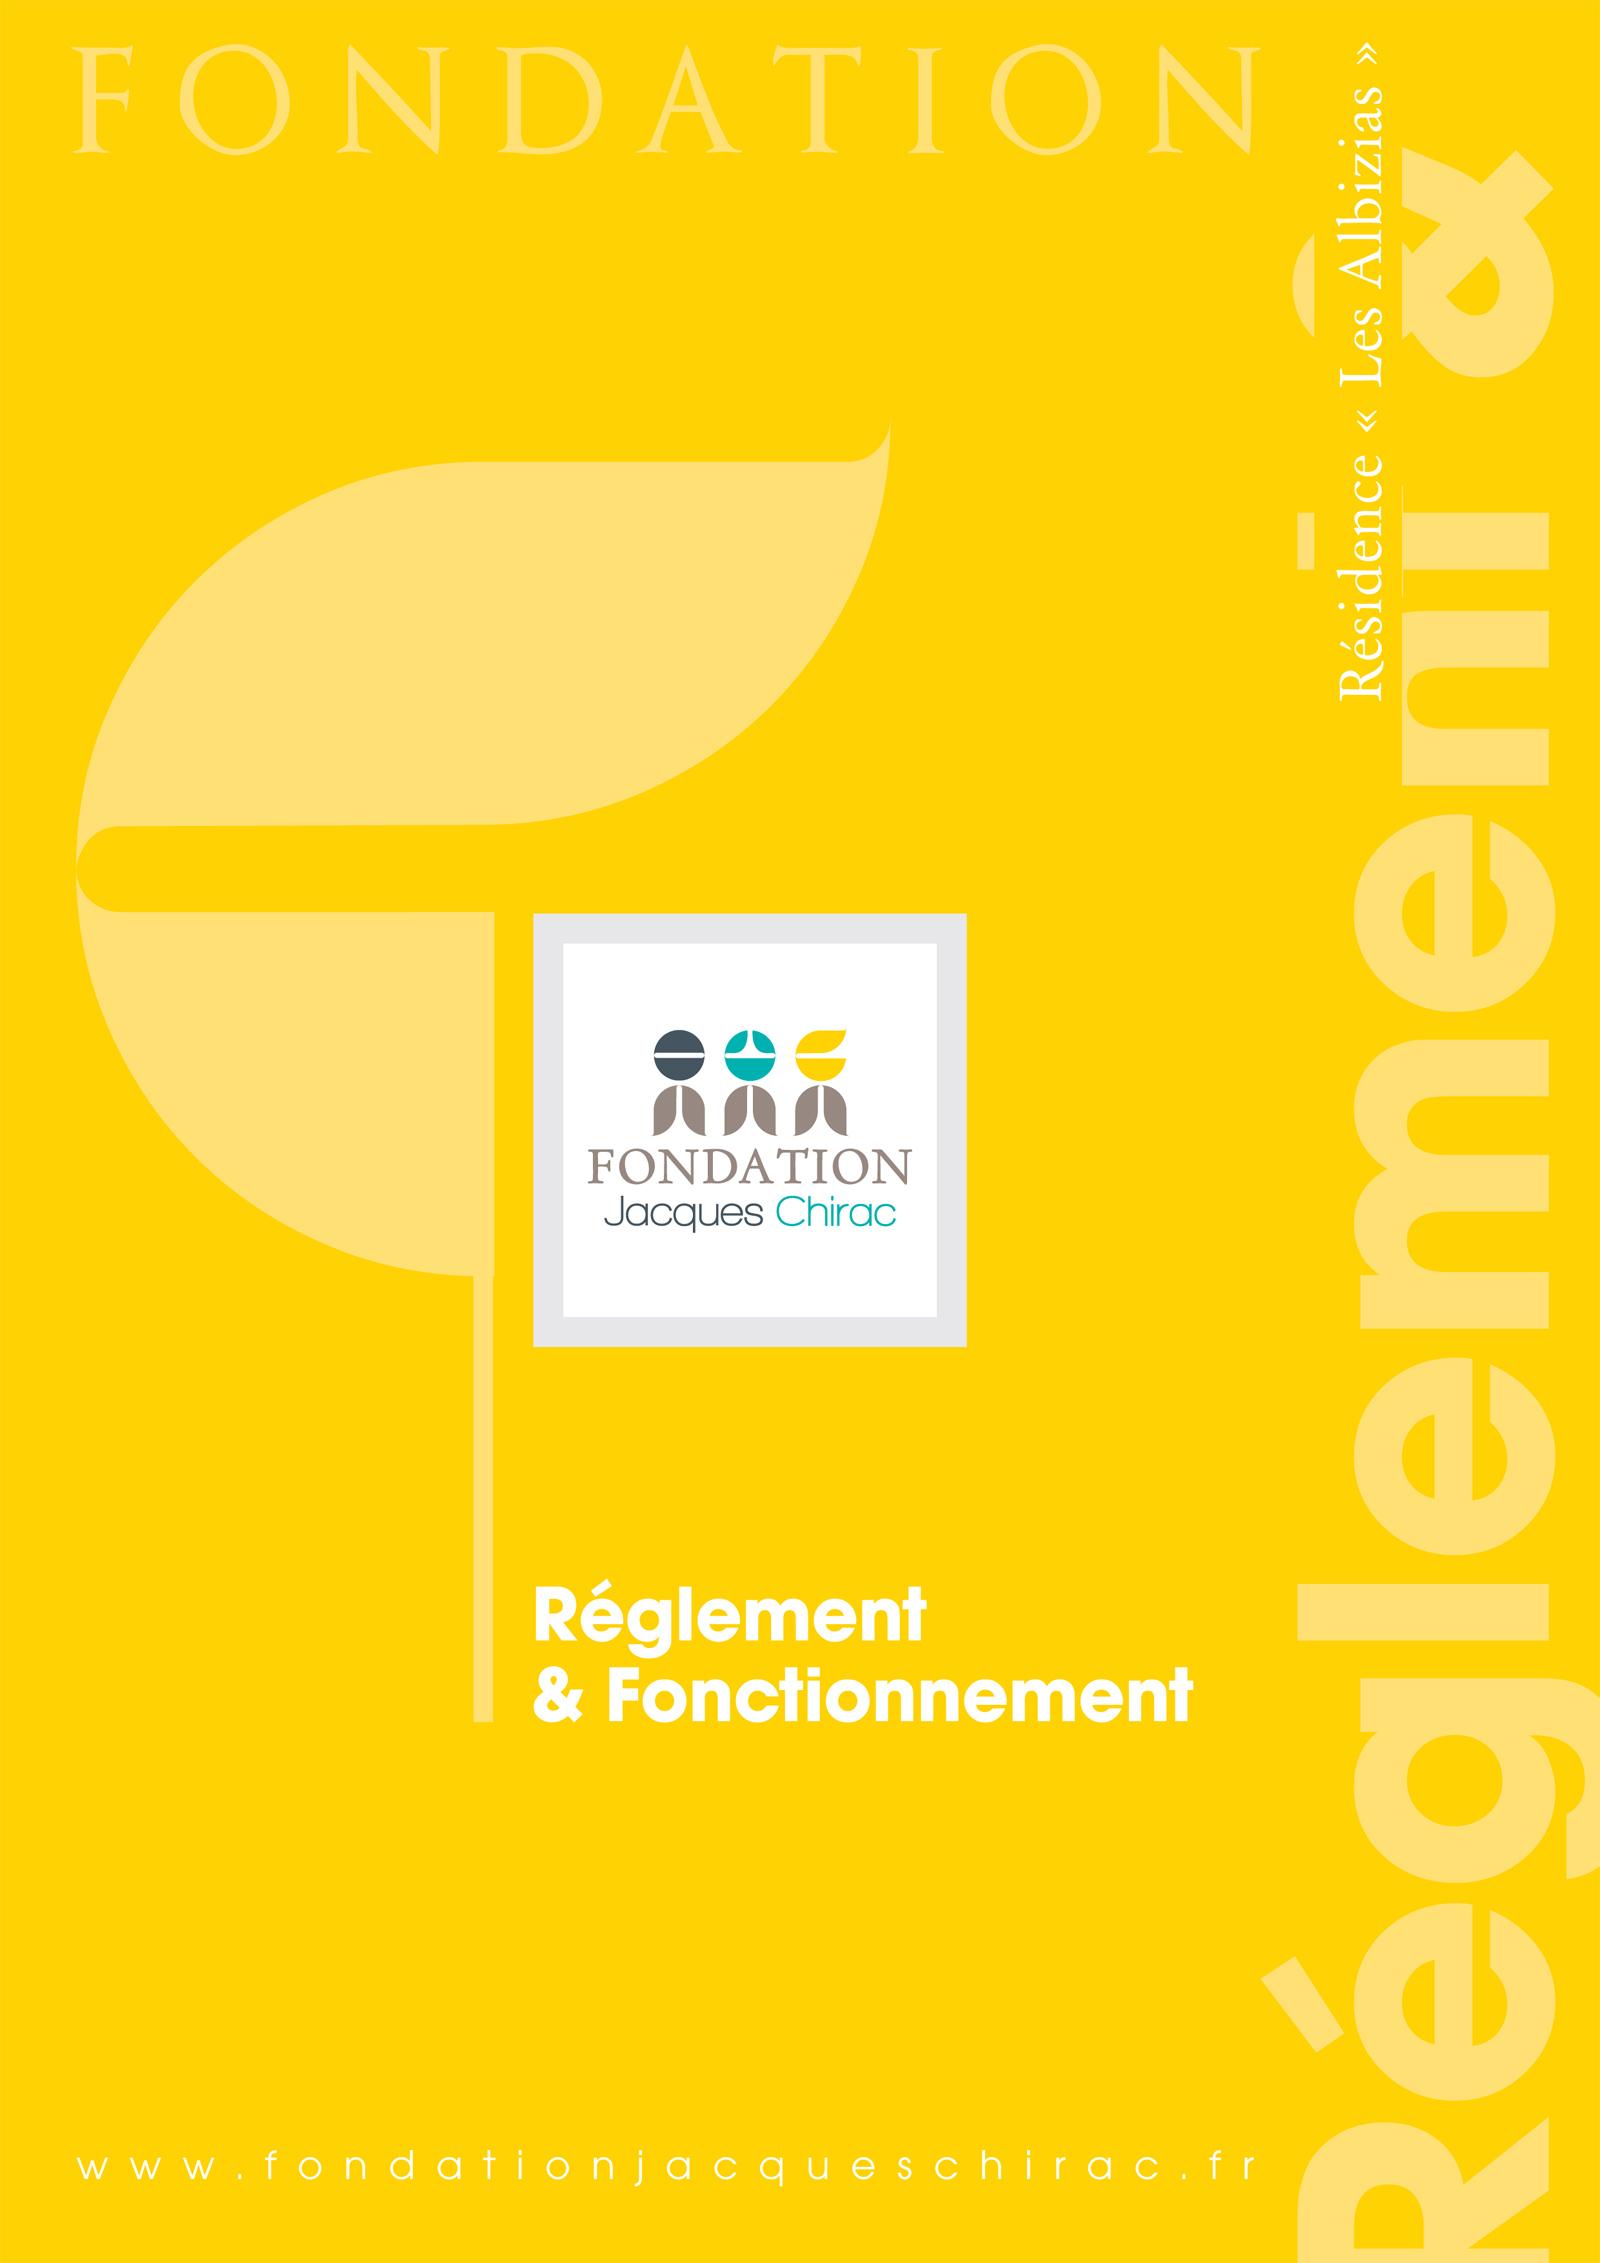 Réalisation Comevents - Fondation Jacques Chirac - Règlement & fonctionnement